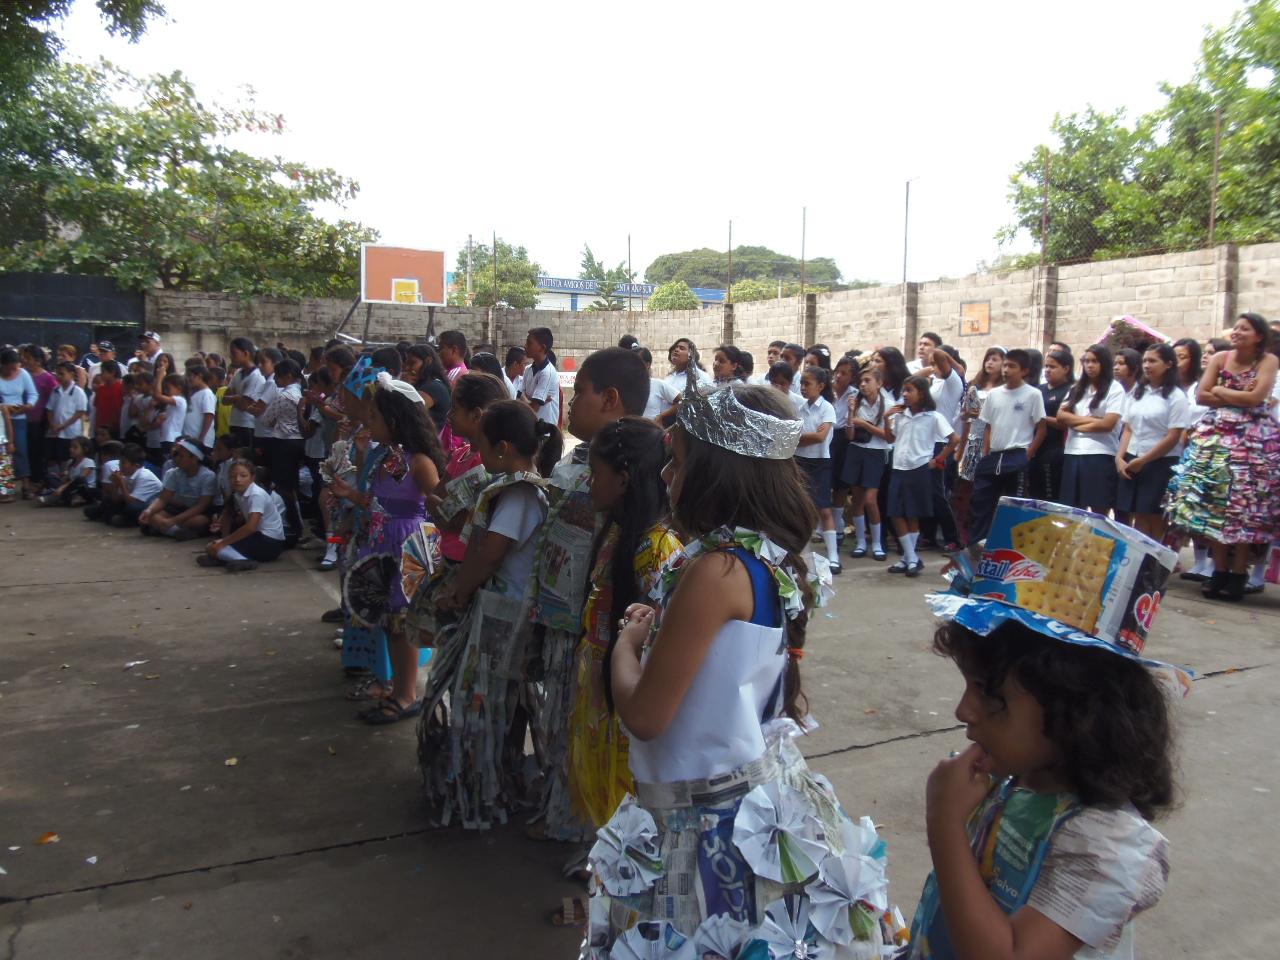 Escuela santaneca realiza concurso de ciencias y reciclaje